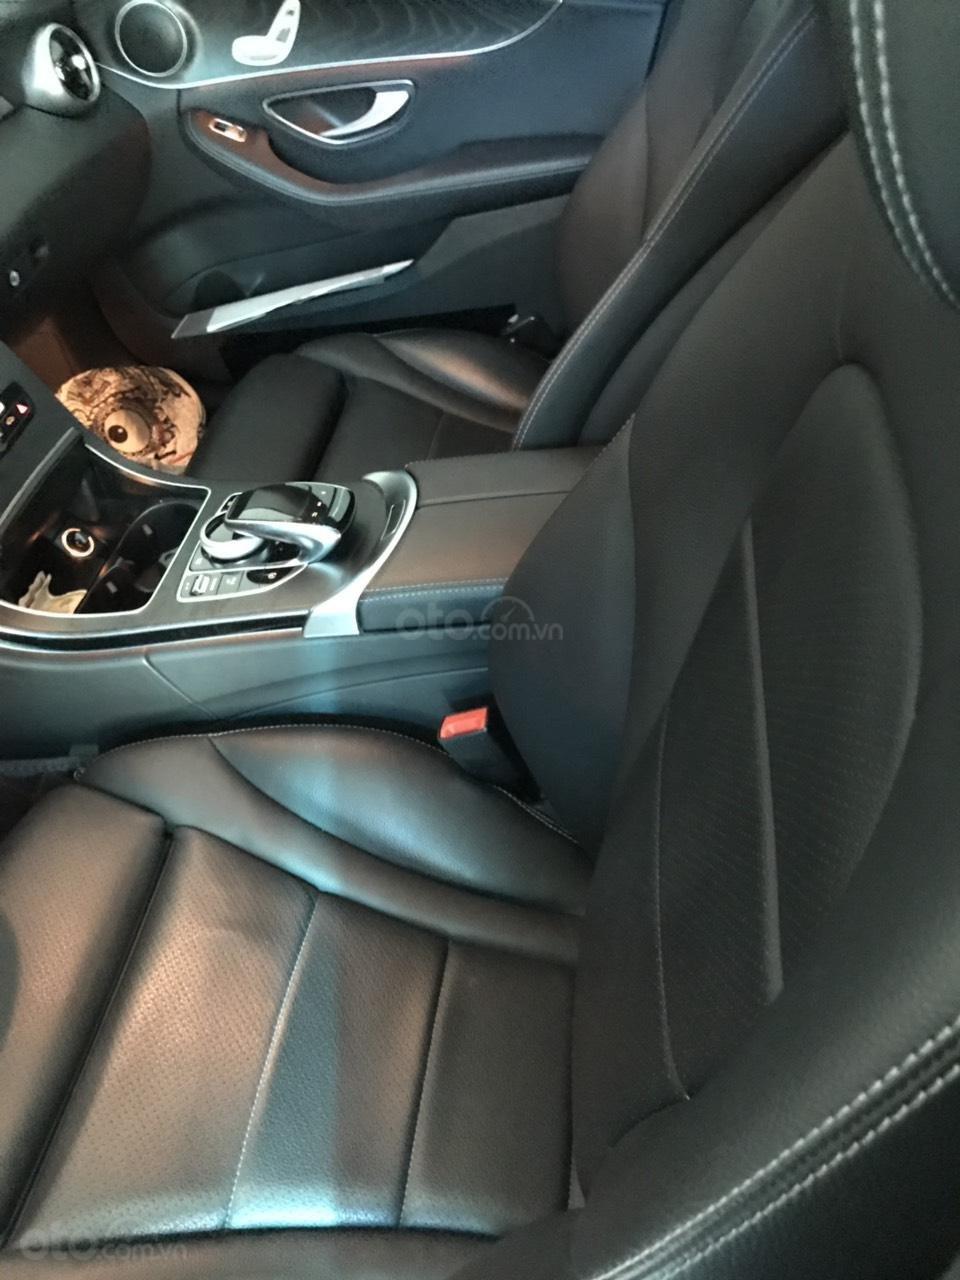 Bán Mercedes C200 model 2017, đã đi 15000km, xe chính chủ (8)